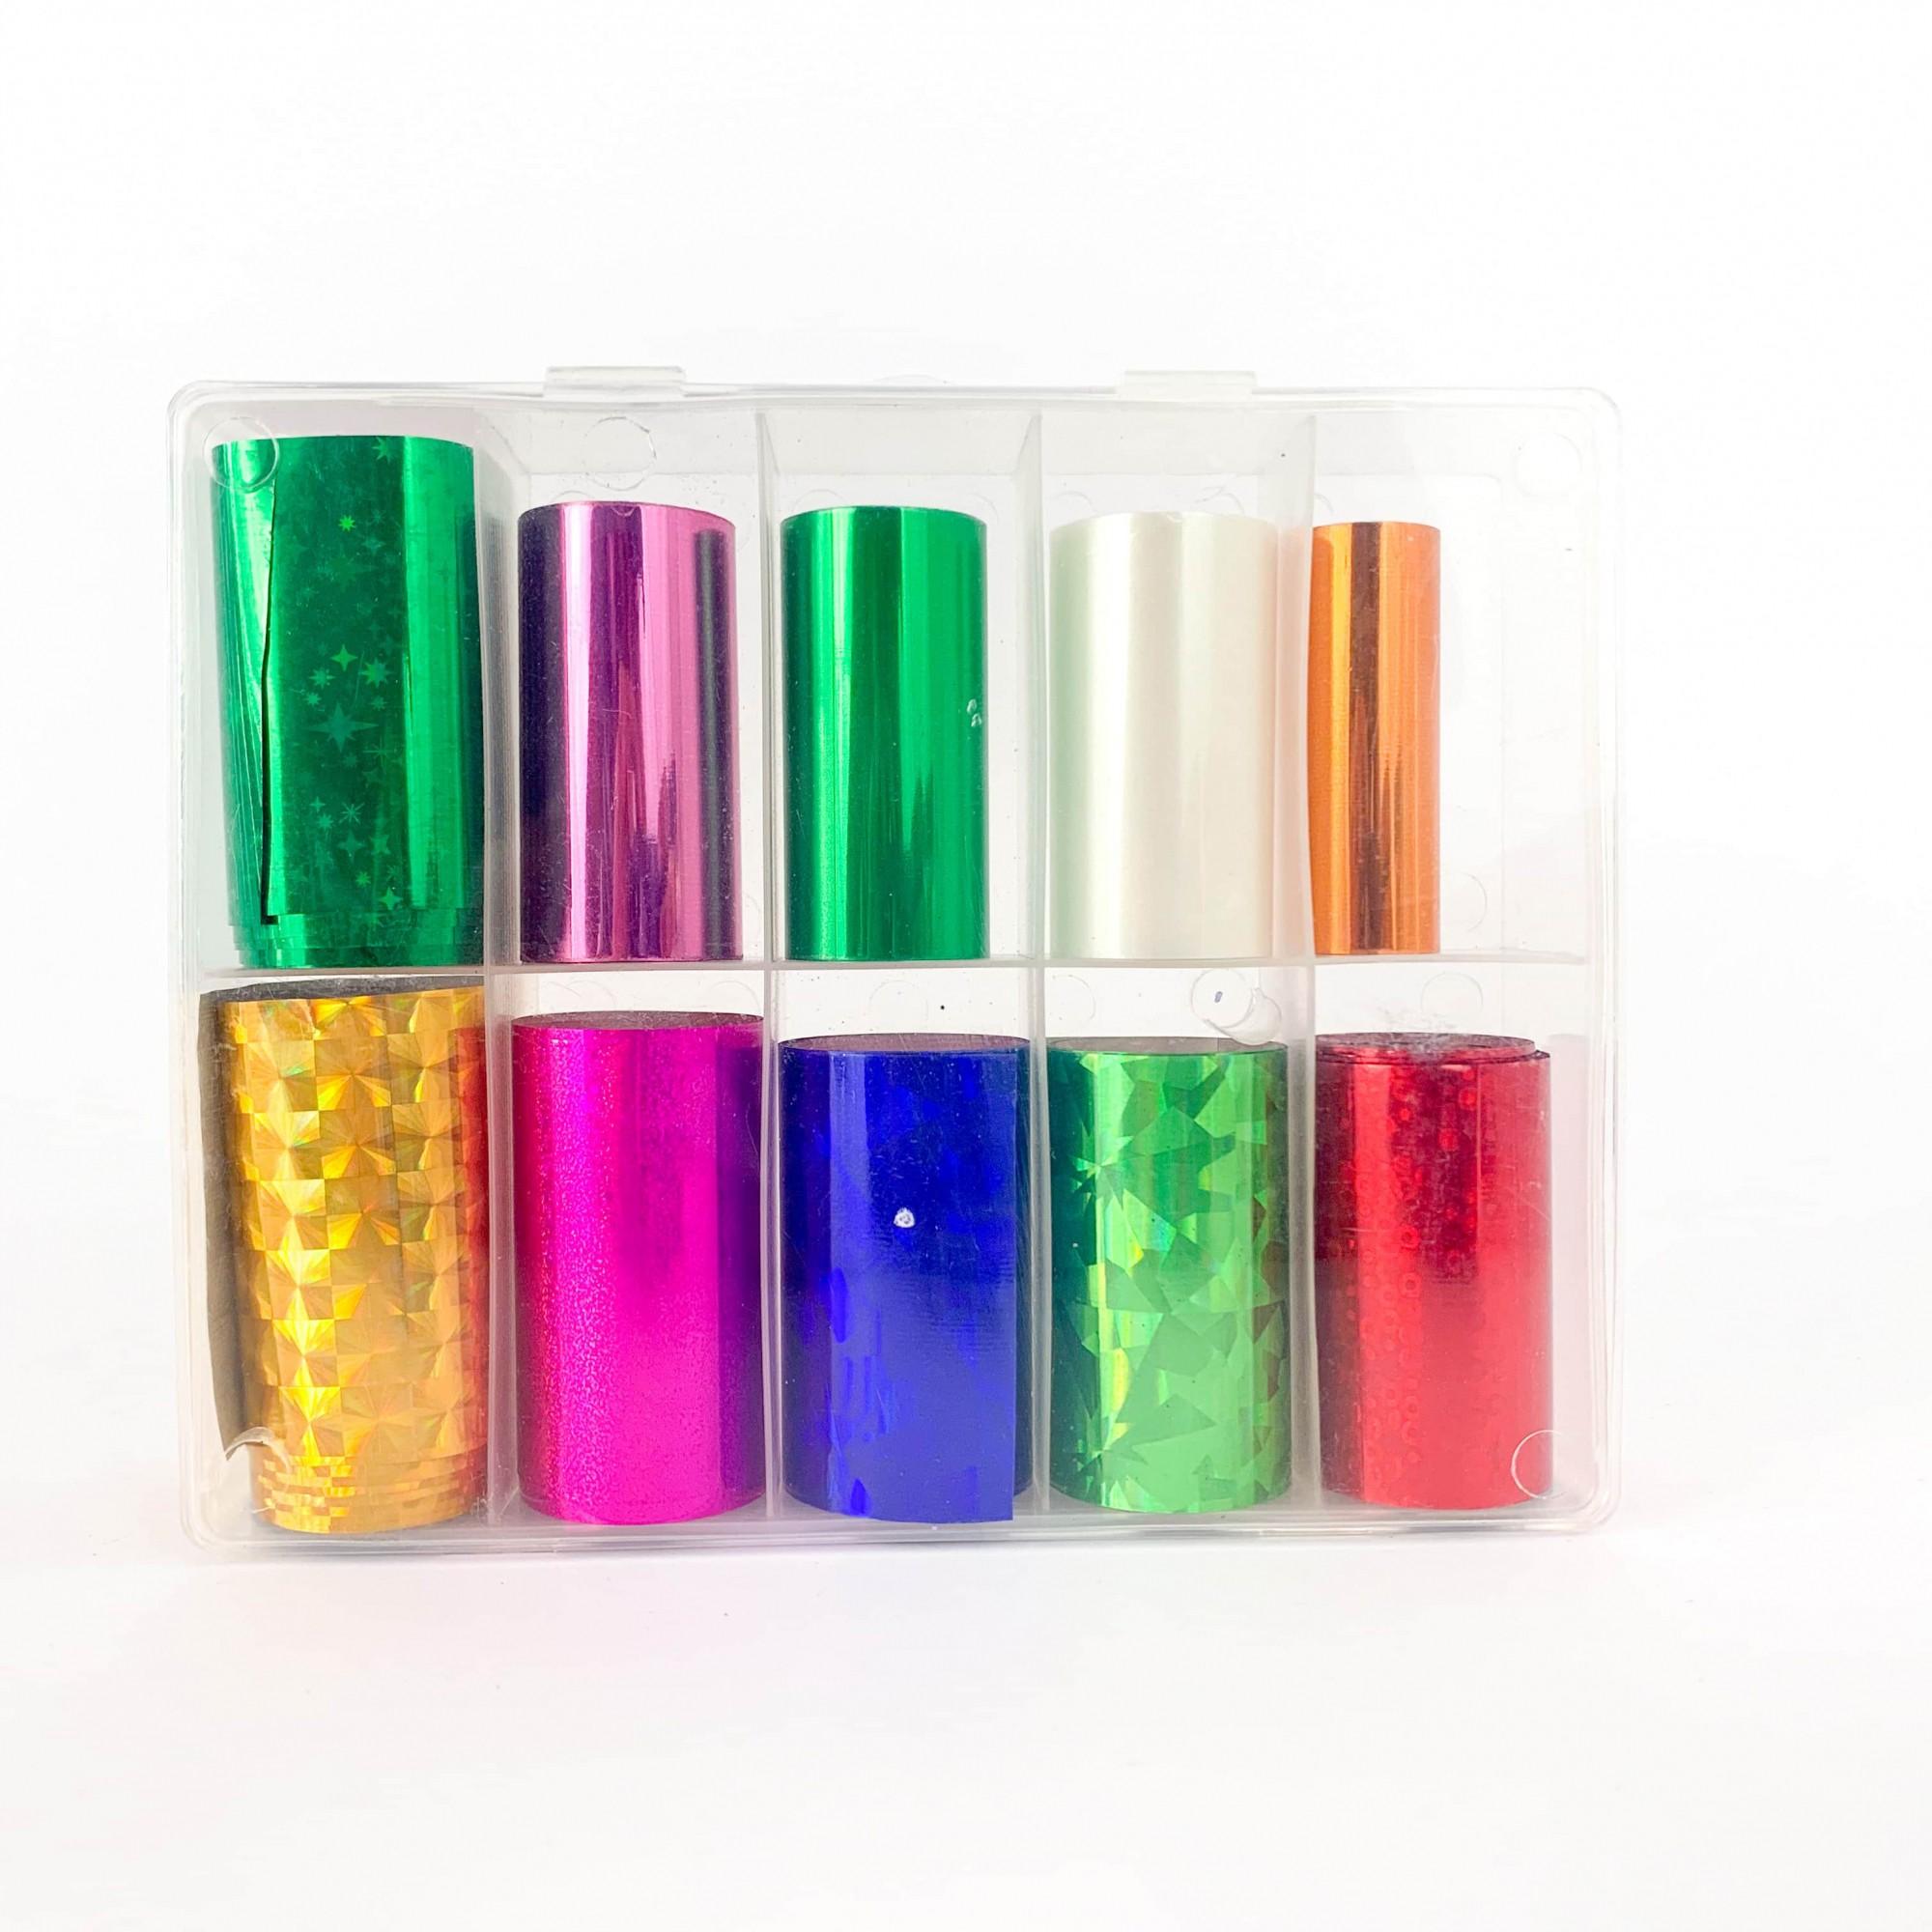 Kit pote com 10 foils para decoração de unhas #f1